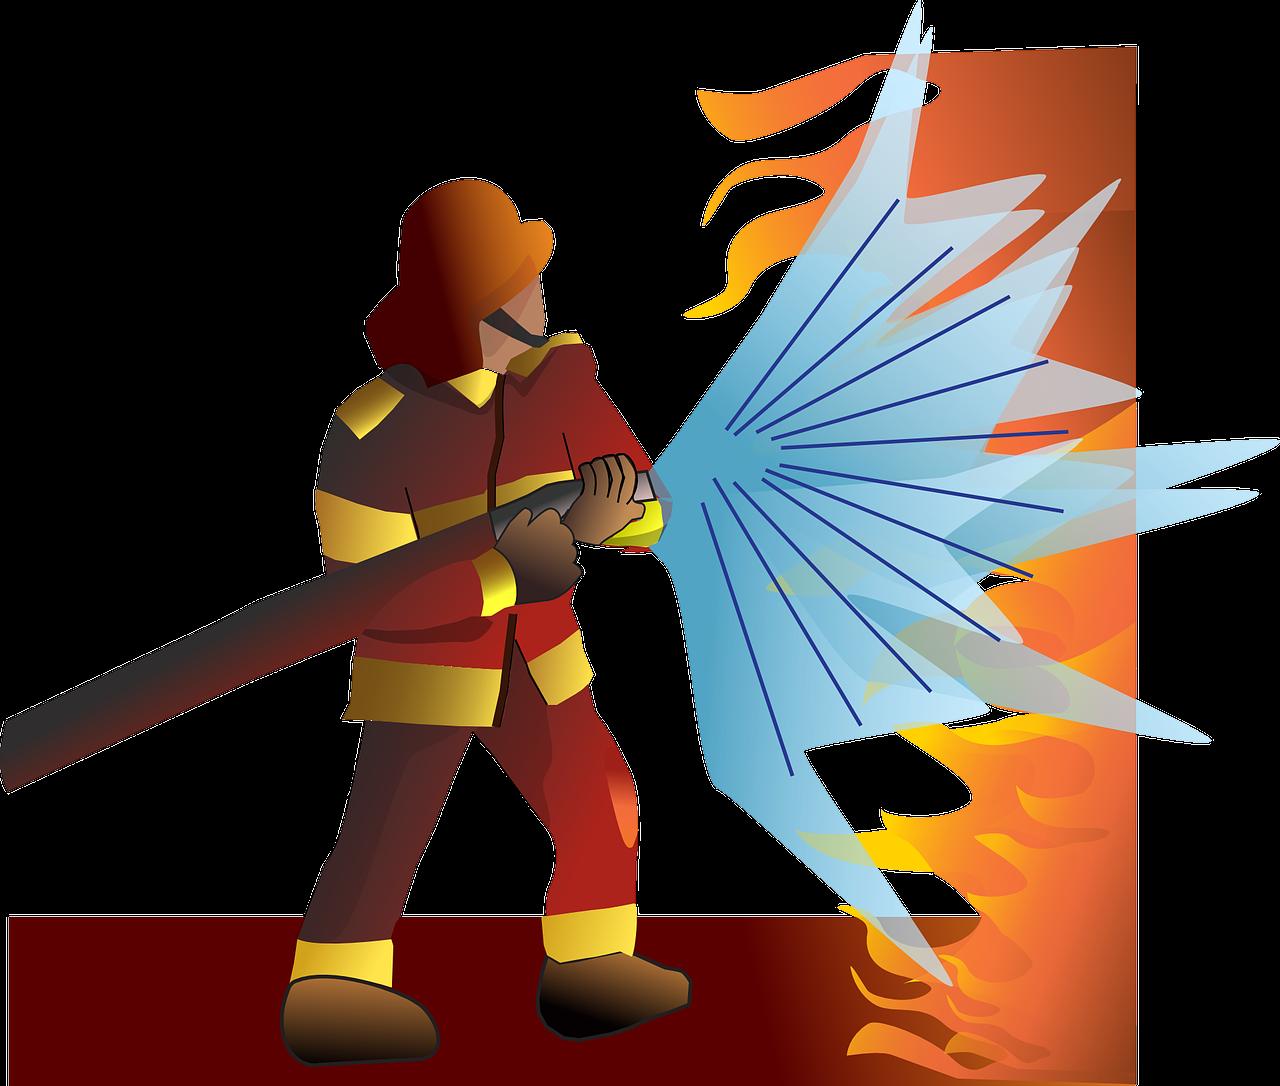 Gambar Kartun Profesi Pemadam Kebakaran